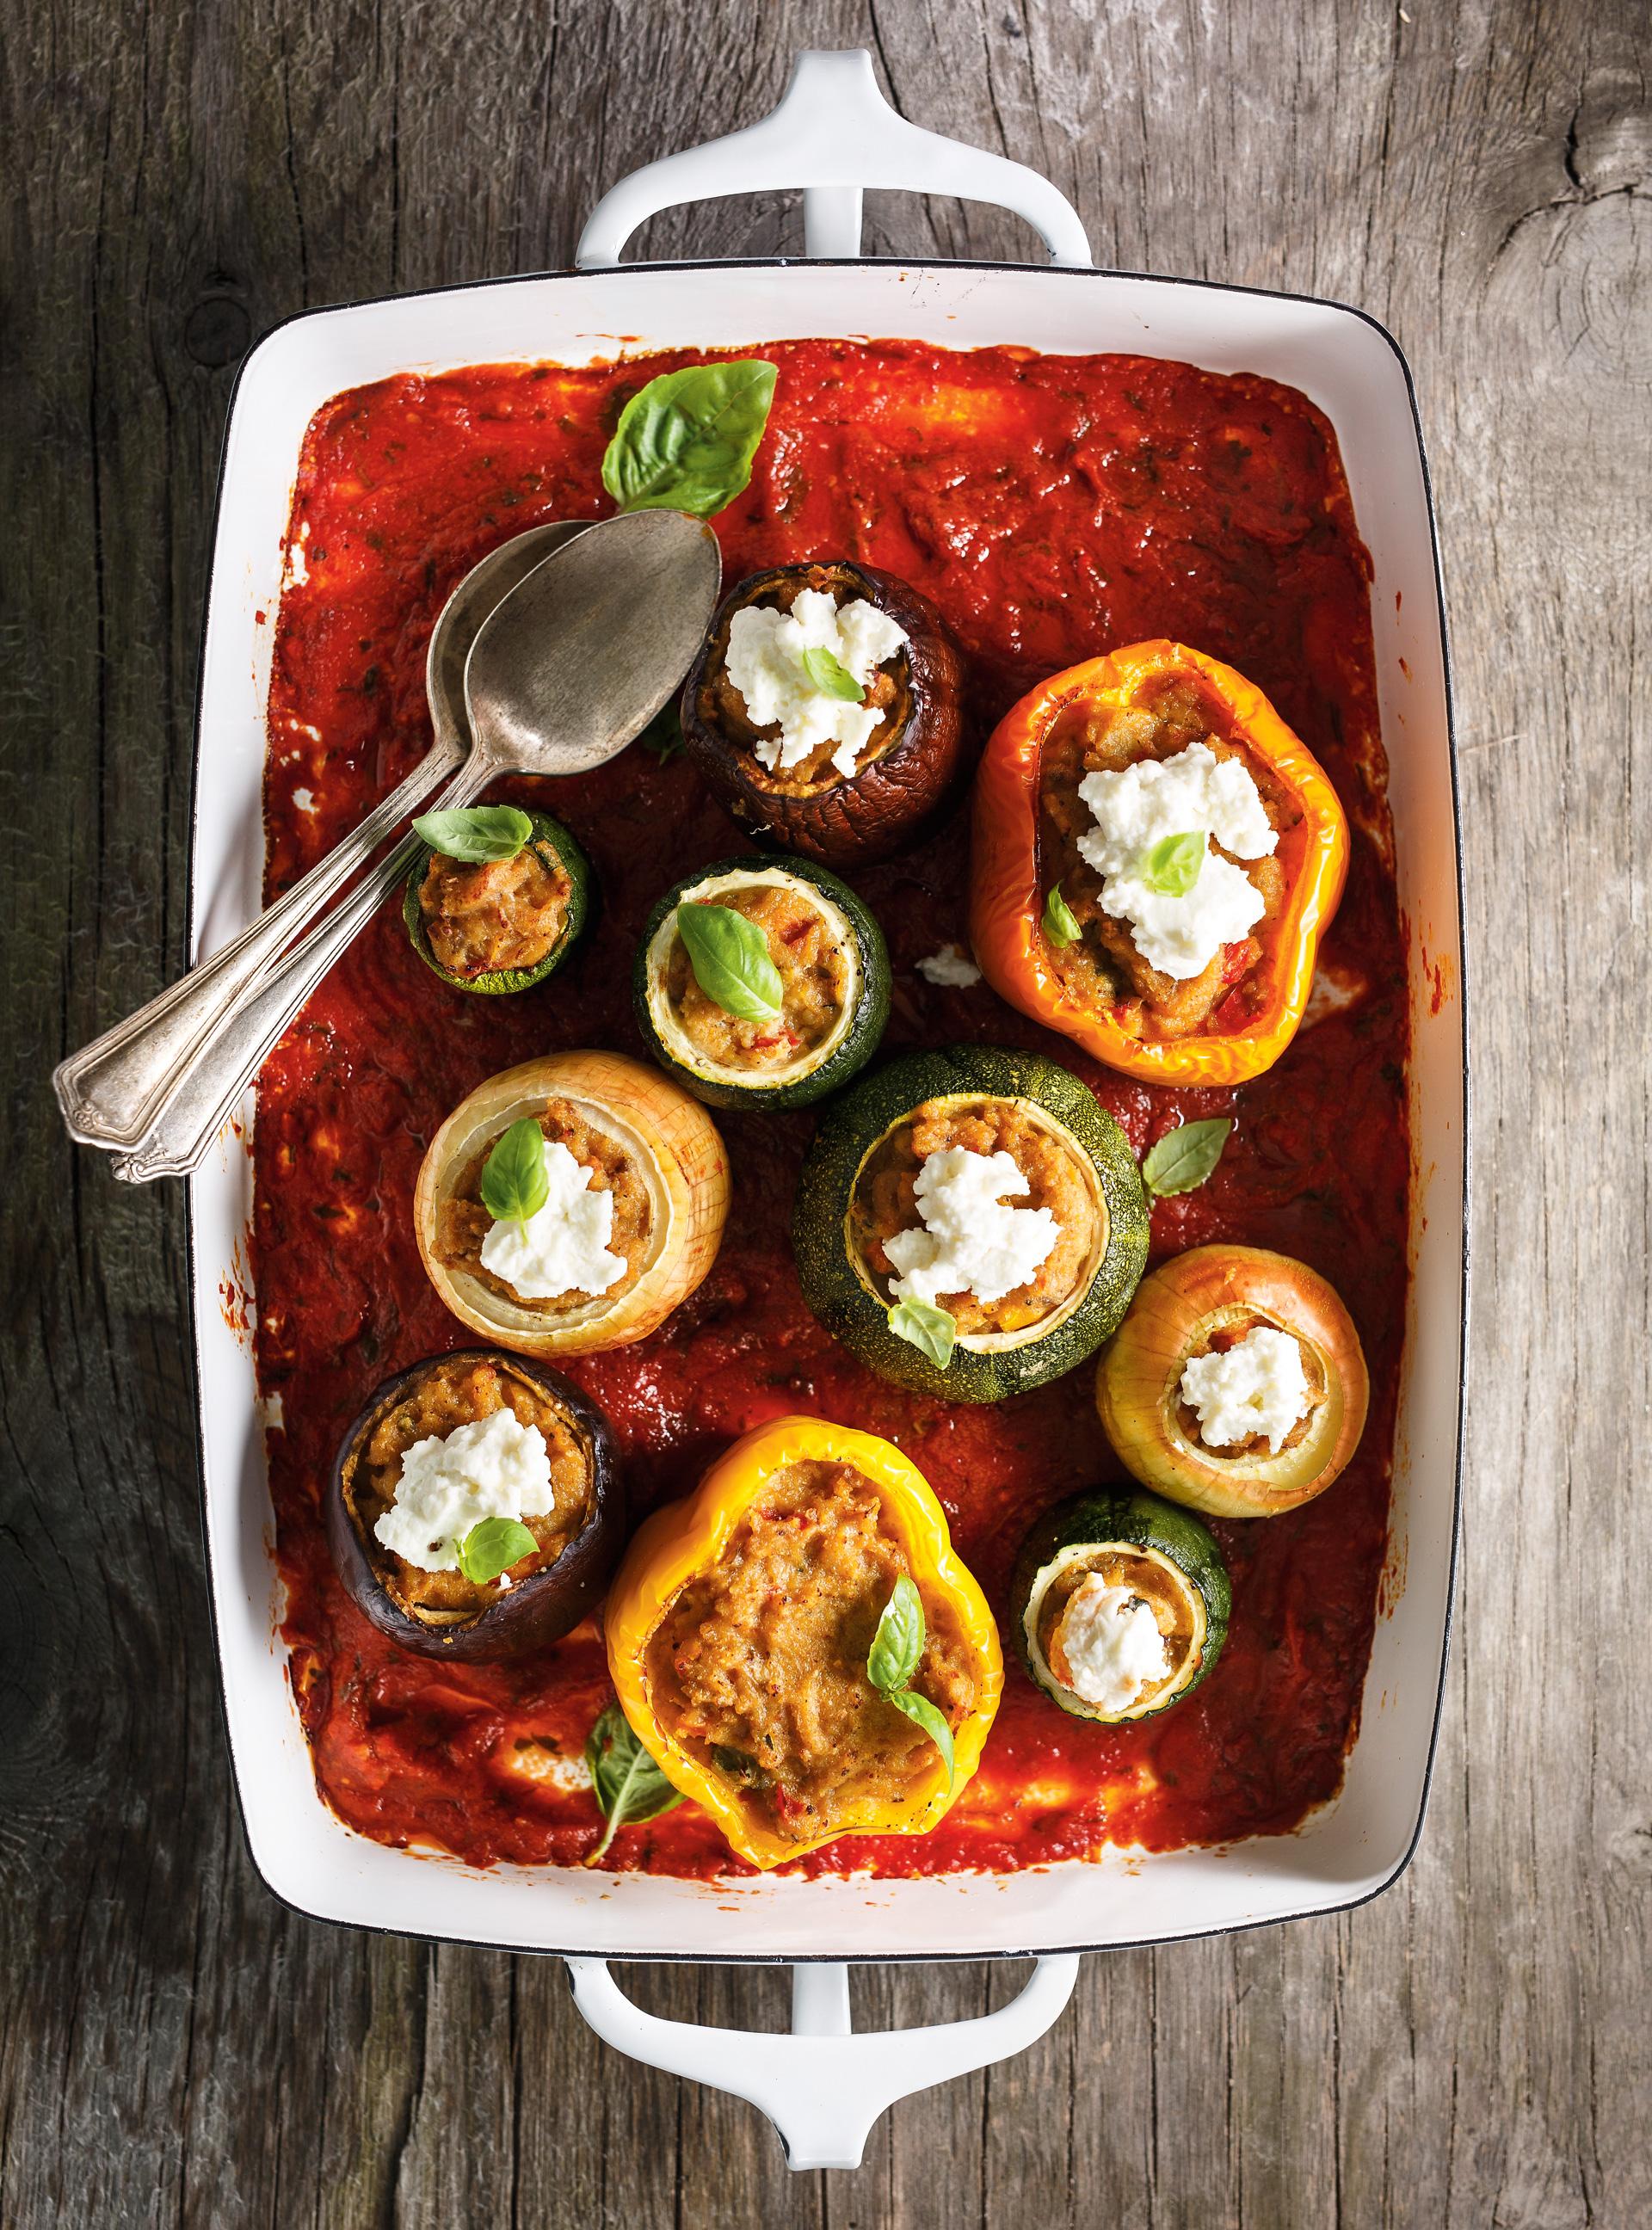 Cuisiner le poivron nos meilleures recettes ricardo - Cuisiner les poivrons ...